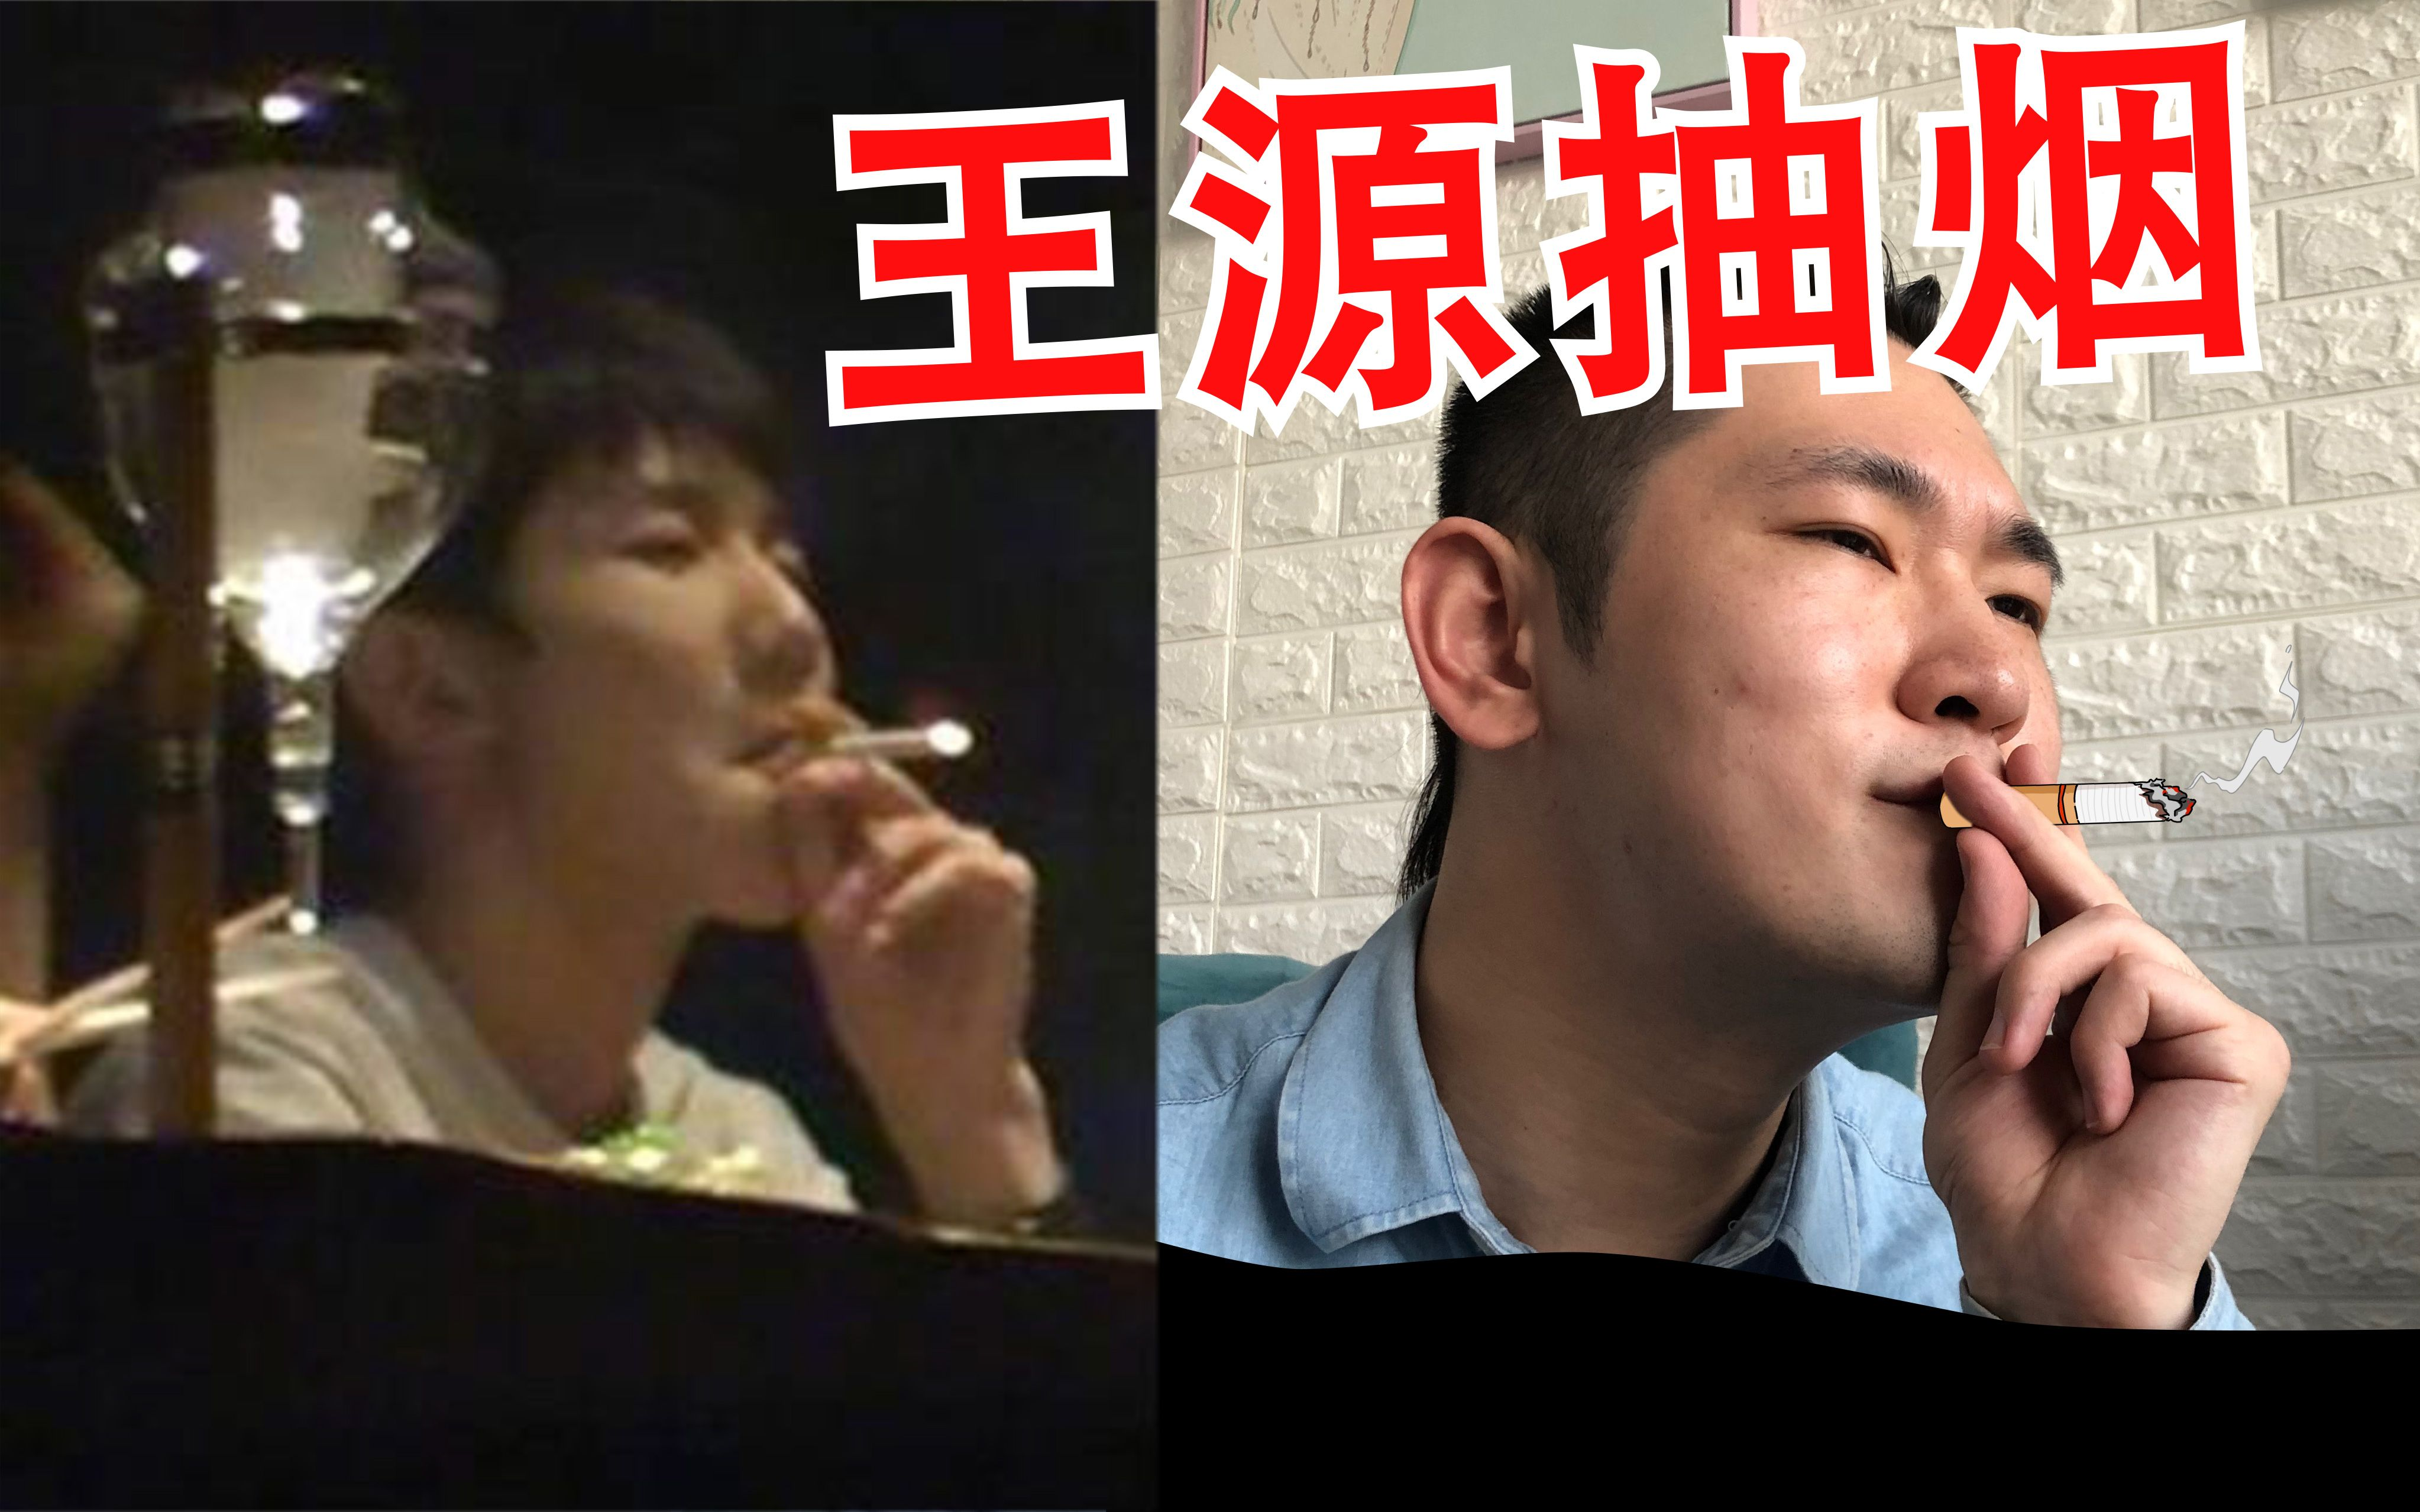 王源抽烟影响恶劣?粉丝脱粉?!我来聊聊我的看法